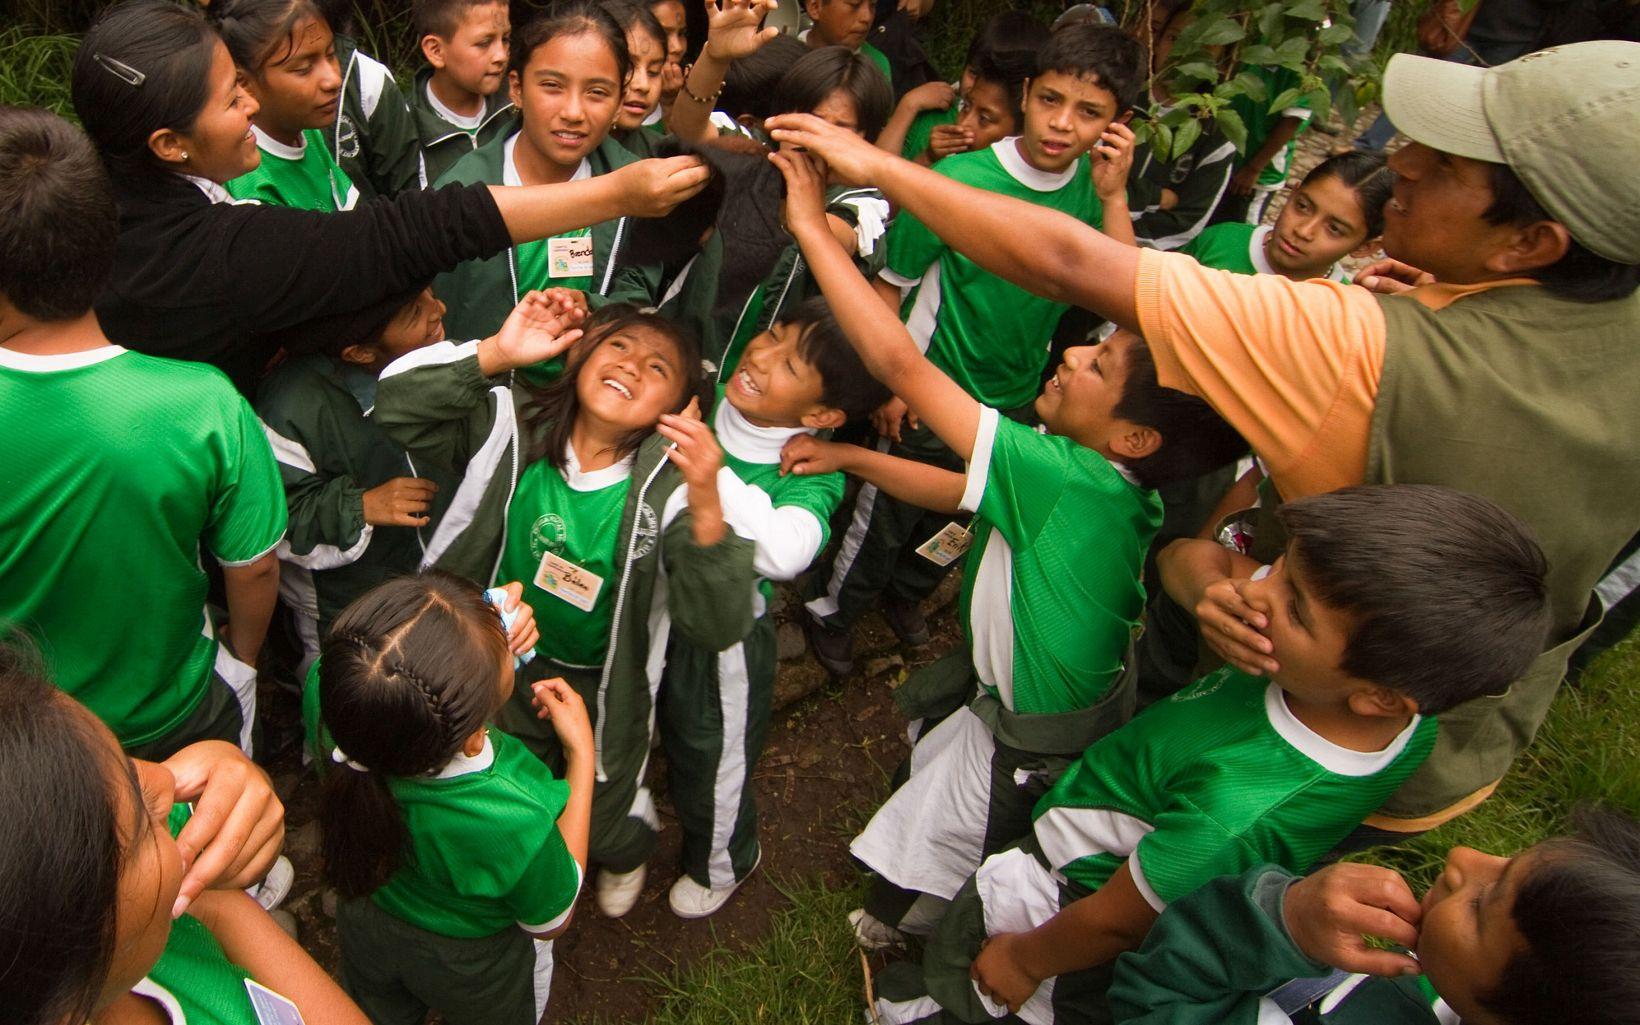 Actividades de educación ambiental en el Parque Ecológico Cachaco in Amaguaña, Pichincha Province, liderado por FONAG